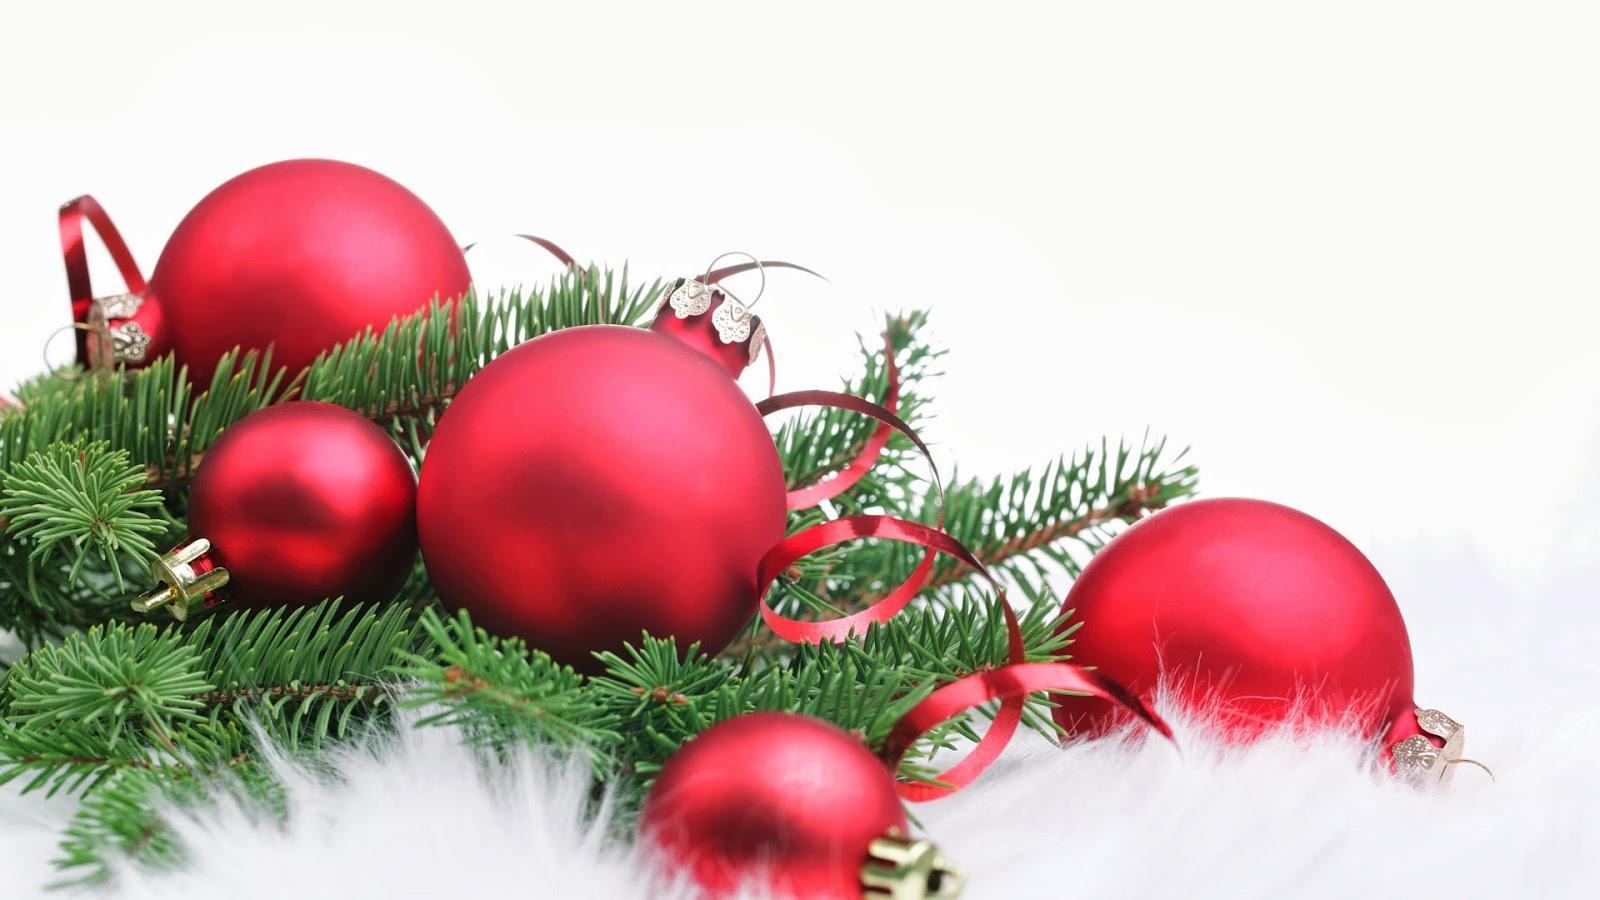 Bolas De Navidad Rojas Sobre Fondo Verde: Imagenes Hilandy: Fondo De Pantalla Navidad Bolas Rojas En